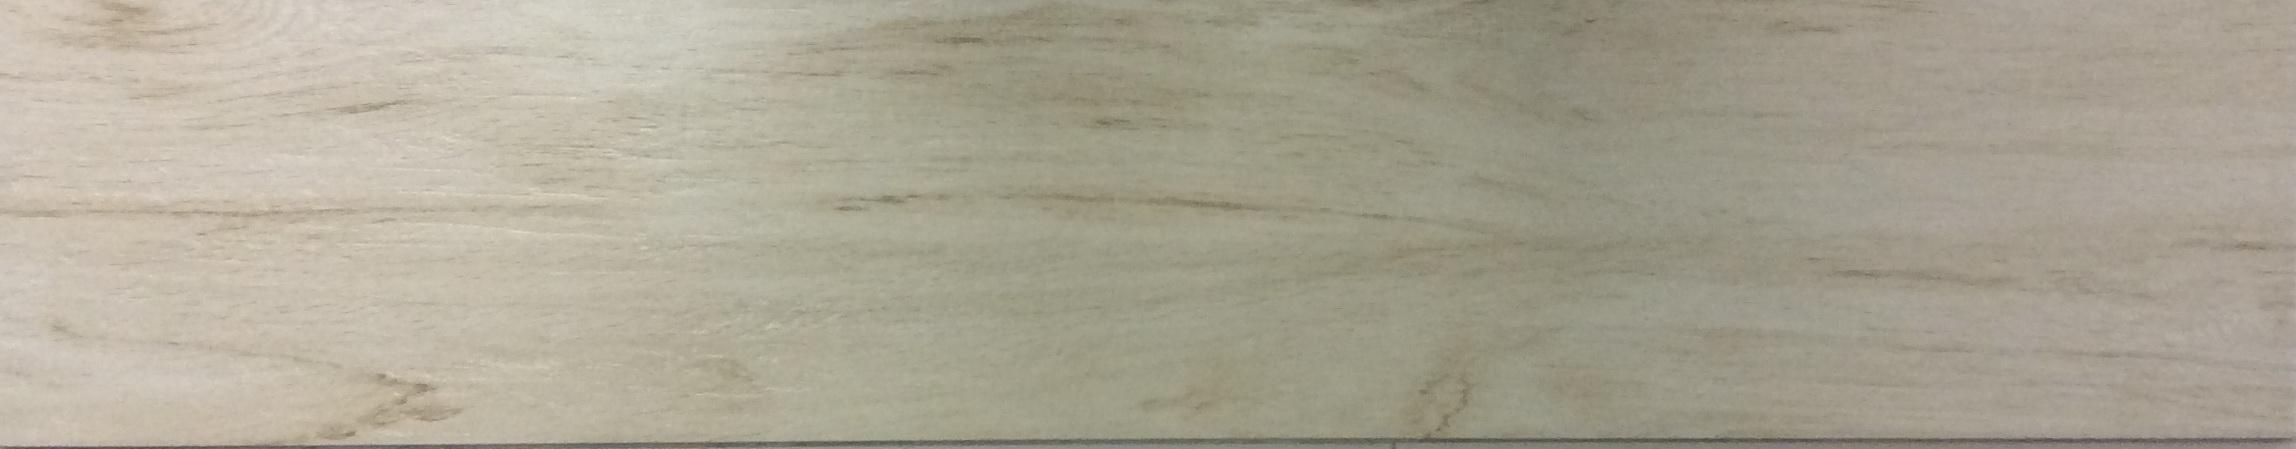 กระเบื้องลายไม้ 20x100 cm รุ่น VHH-08009